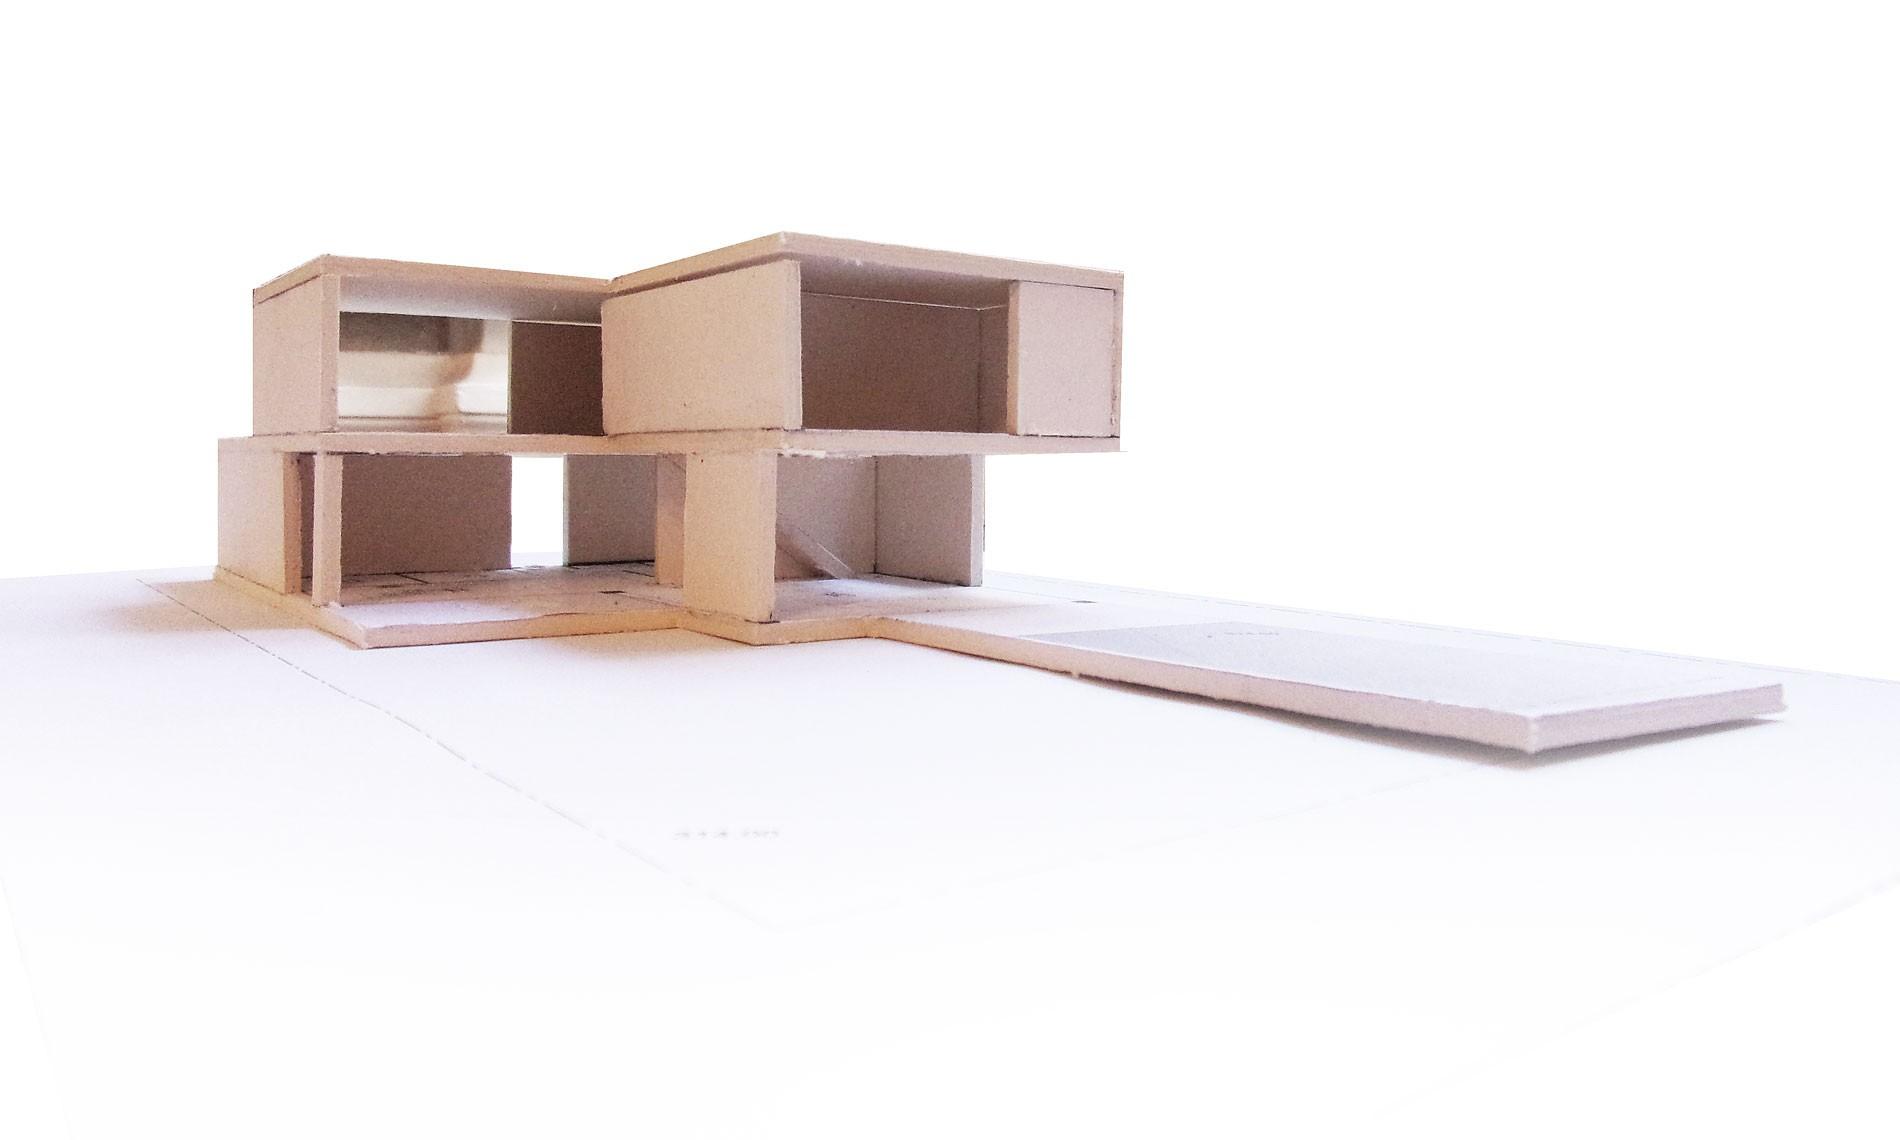 asb-architecture-maison-contemporaine-toiture-terrasse-maquette-3   ASB architecture